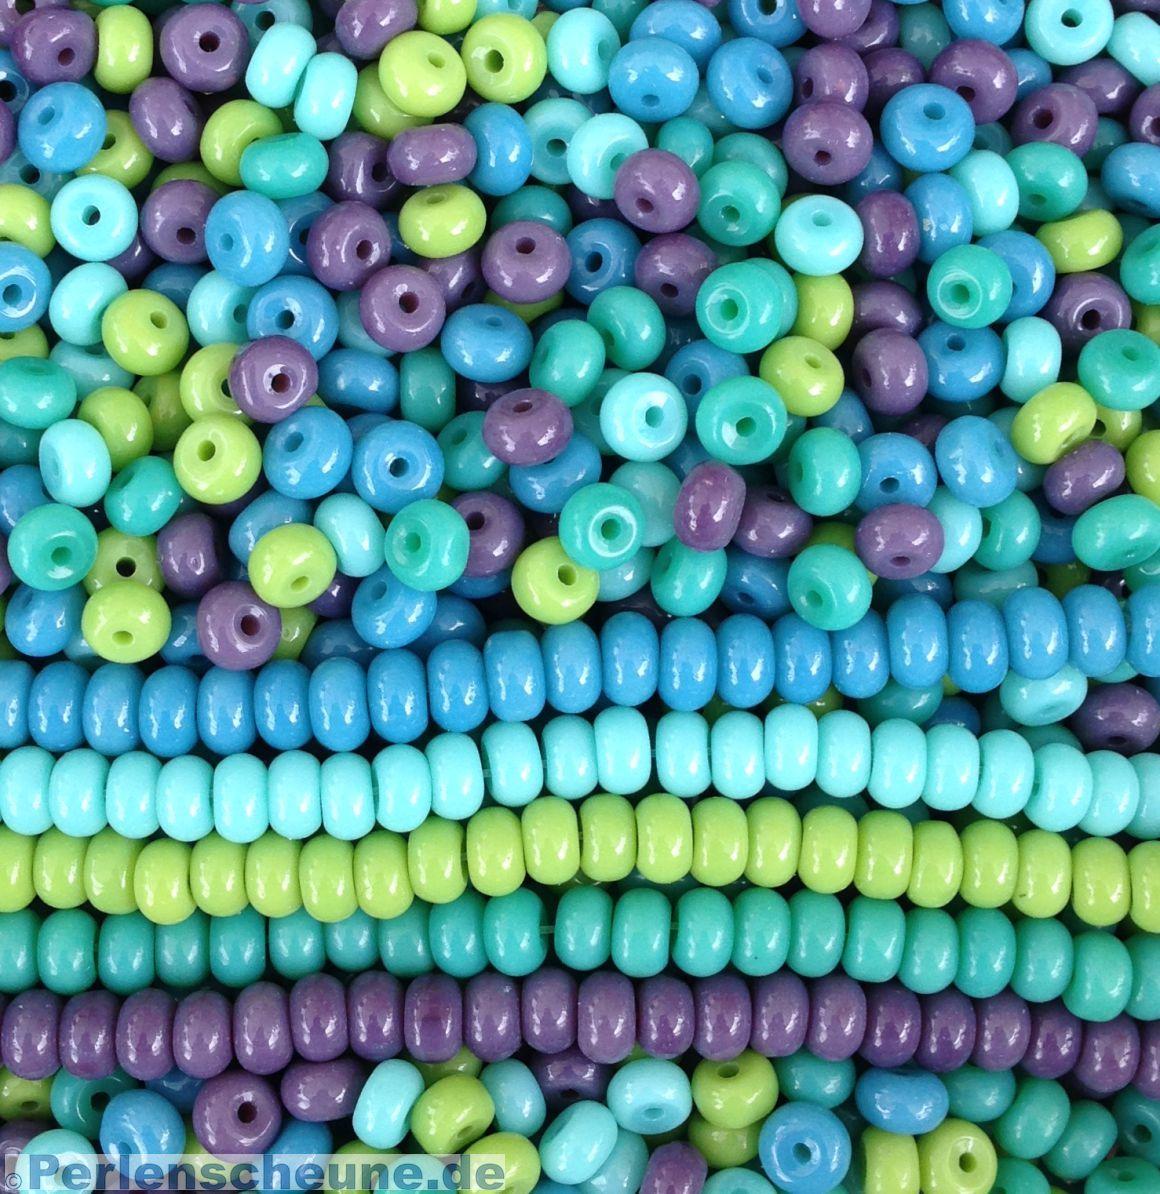 Hervorragend Glasperlen Rondelle 6 mm Rocailles blau grün DZ41